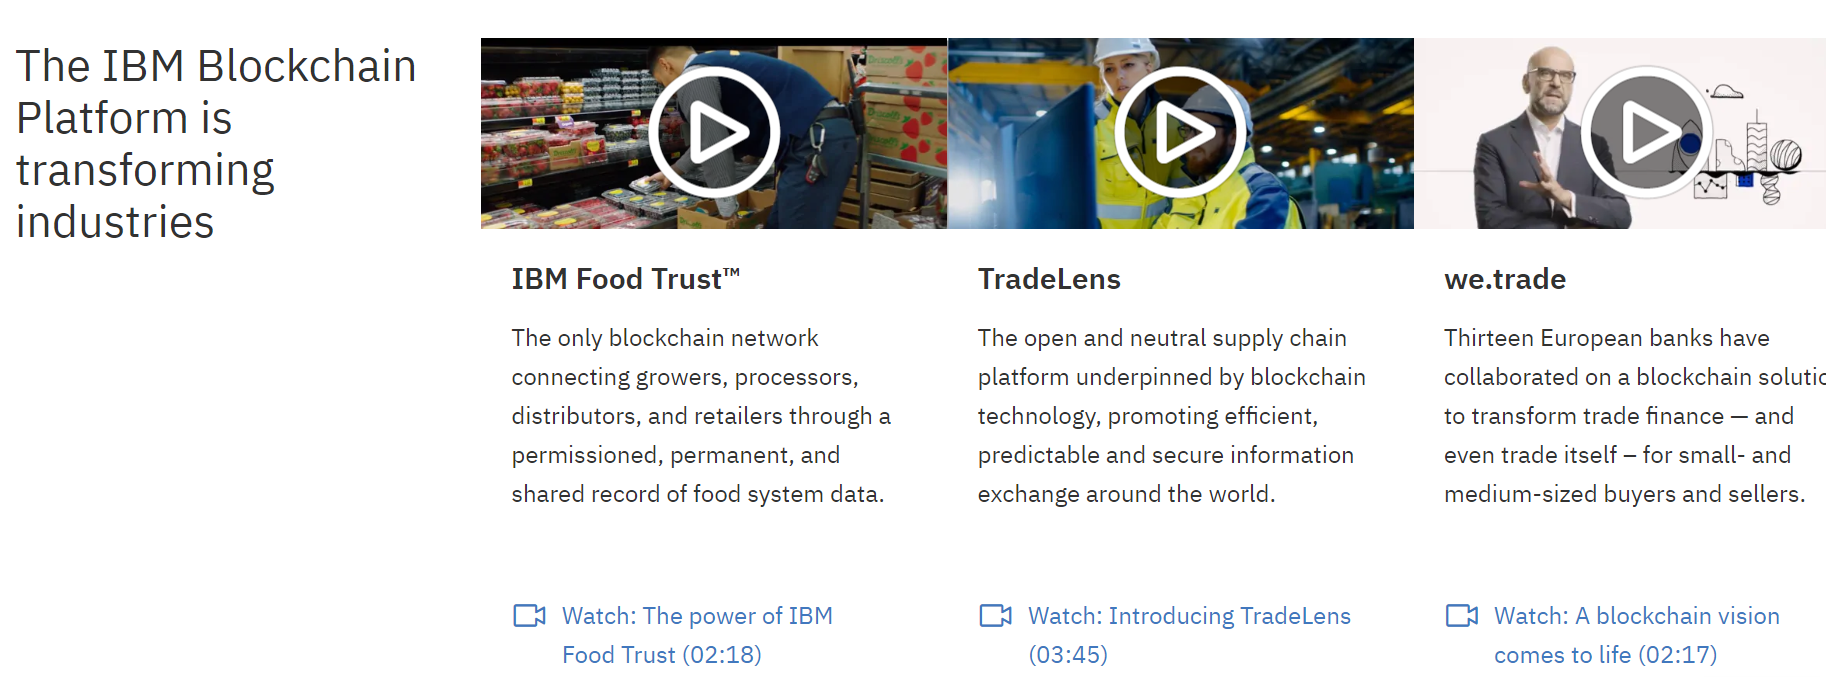 Как выбрать Компании-Разработчика Программного Обеспечения ERP IBM Blockchain